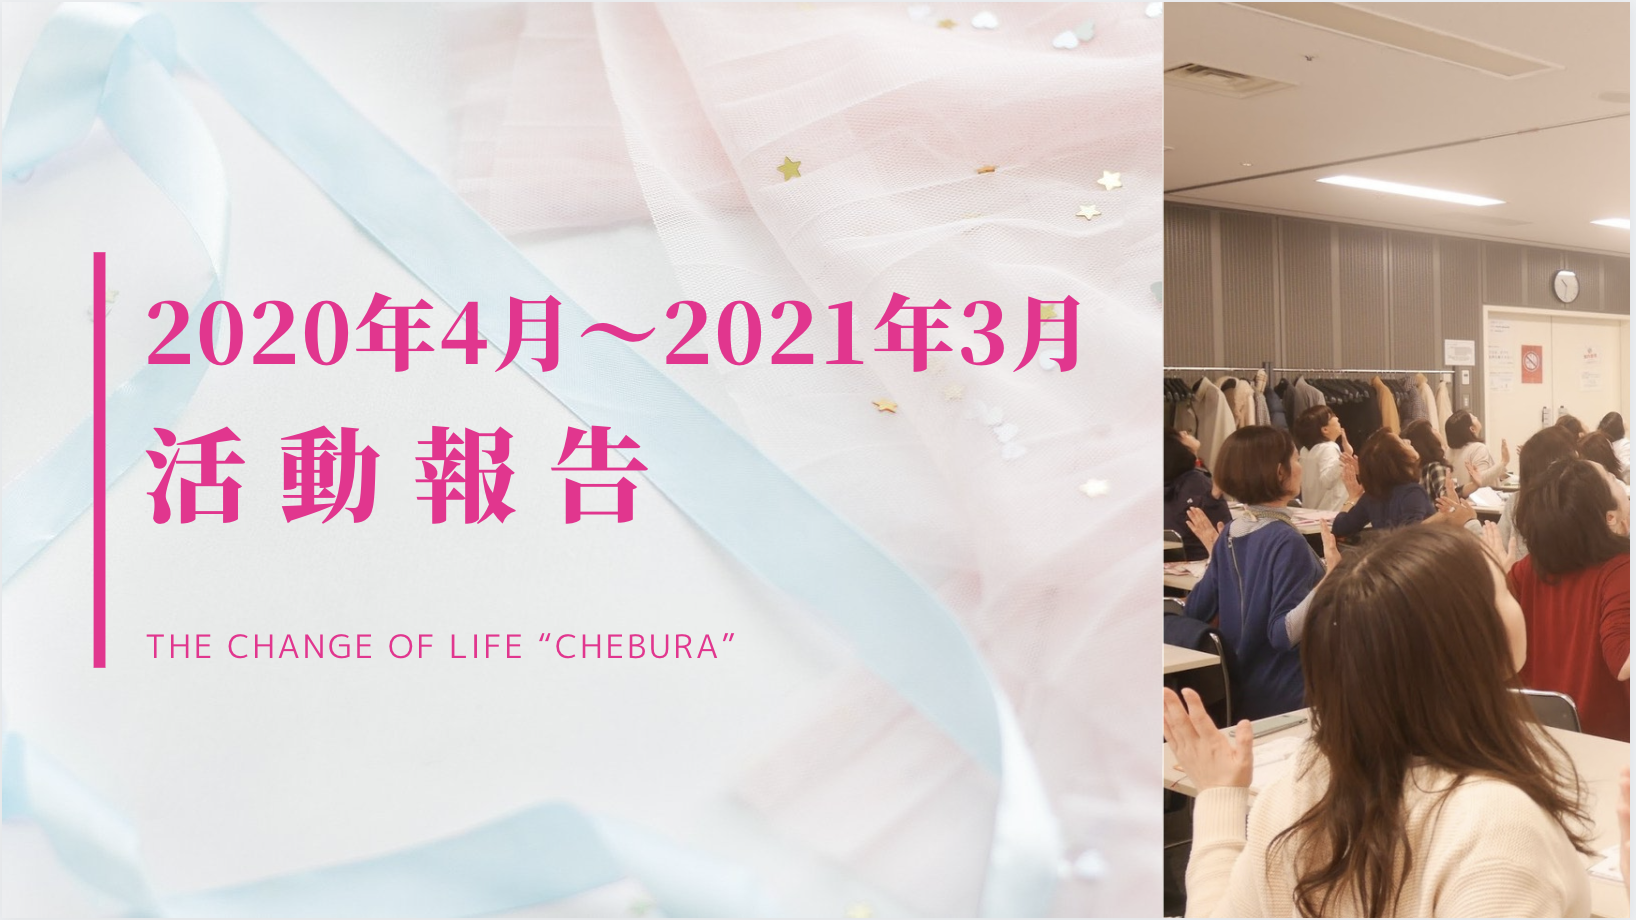 【活動報告】2020年4月〜2021年3月